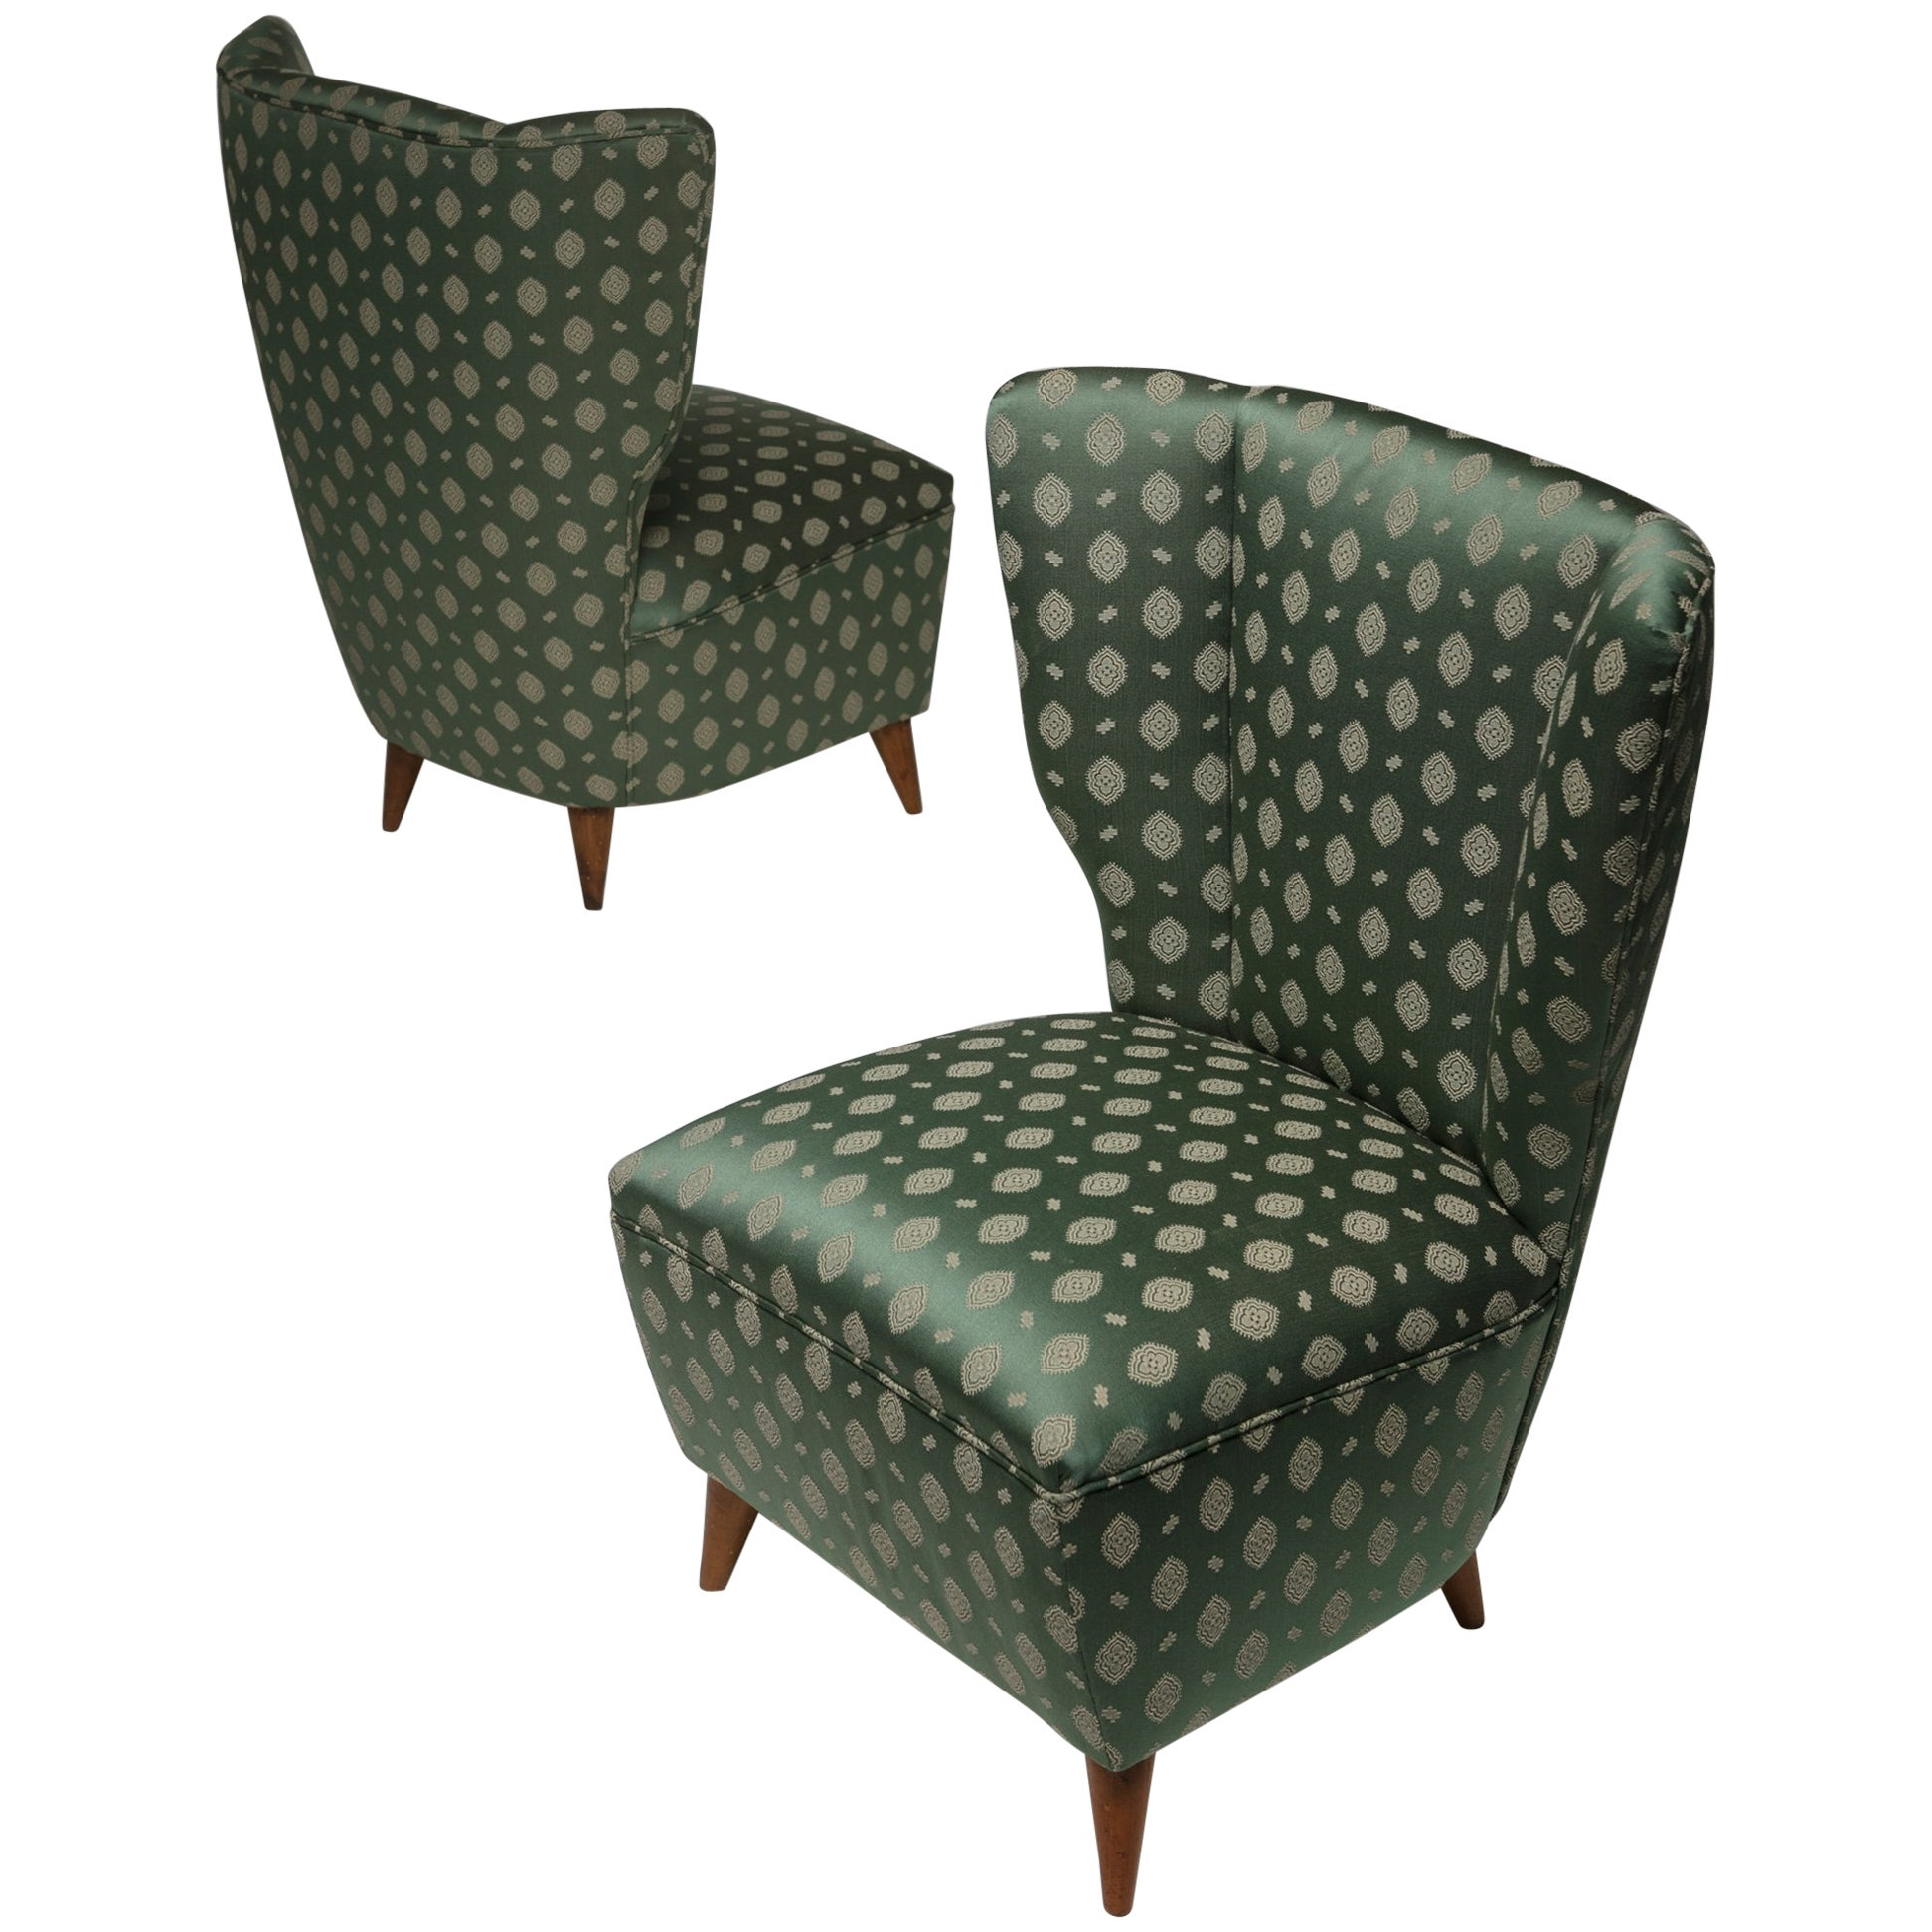 Pair of Italian, 1950s Slipper Chairs